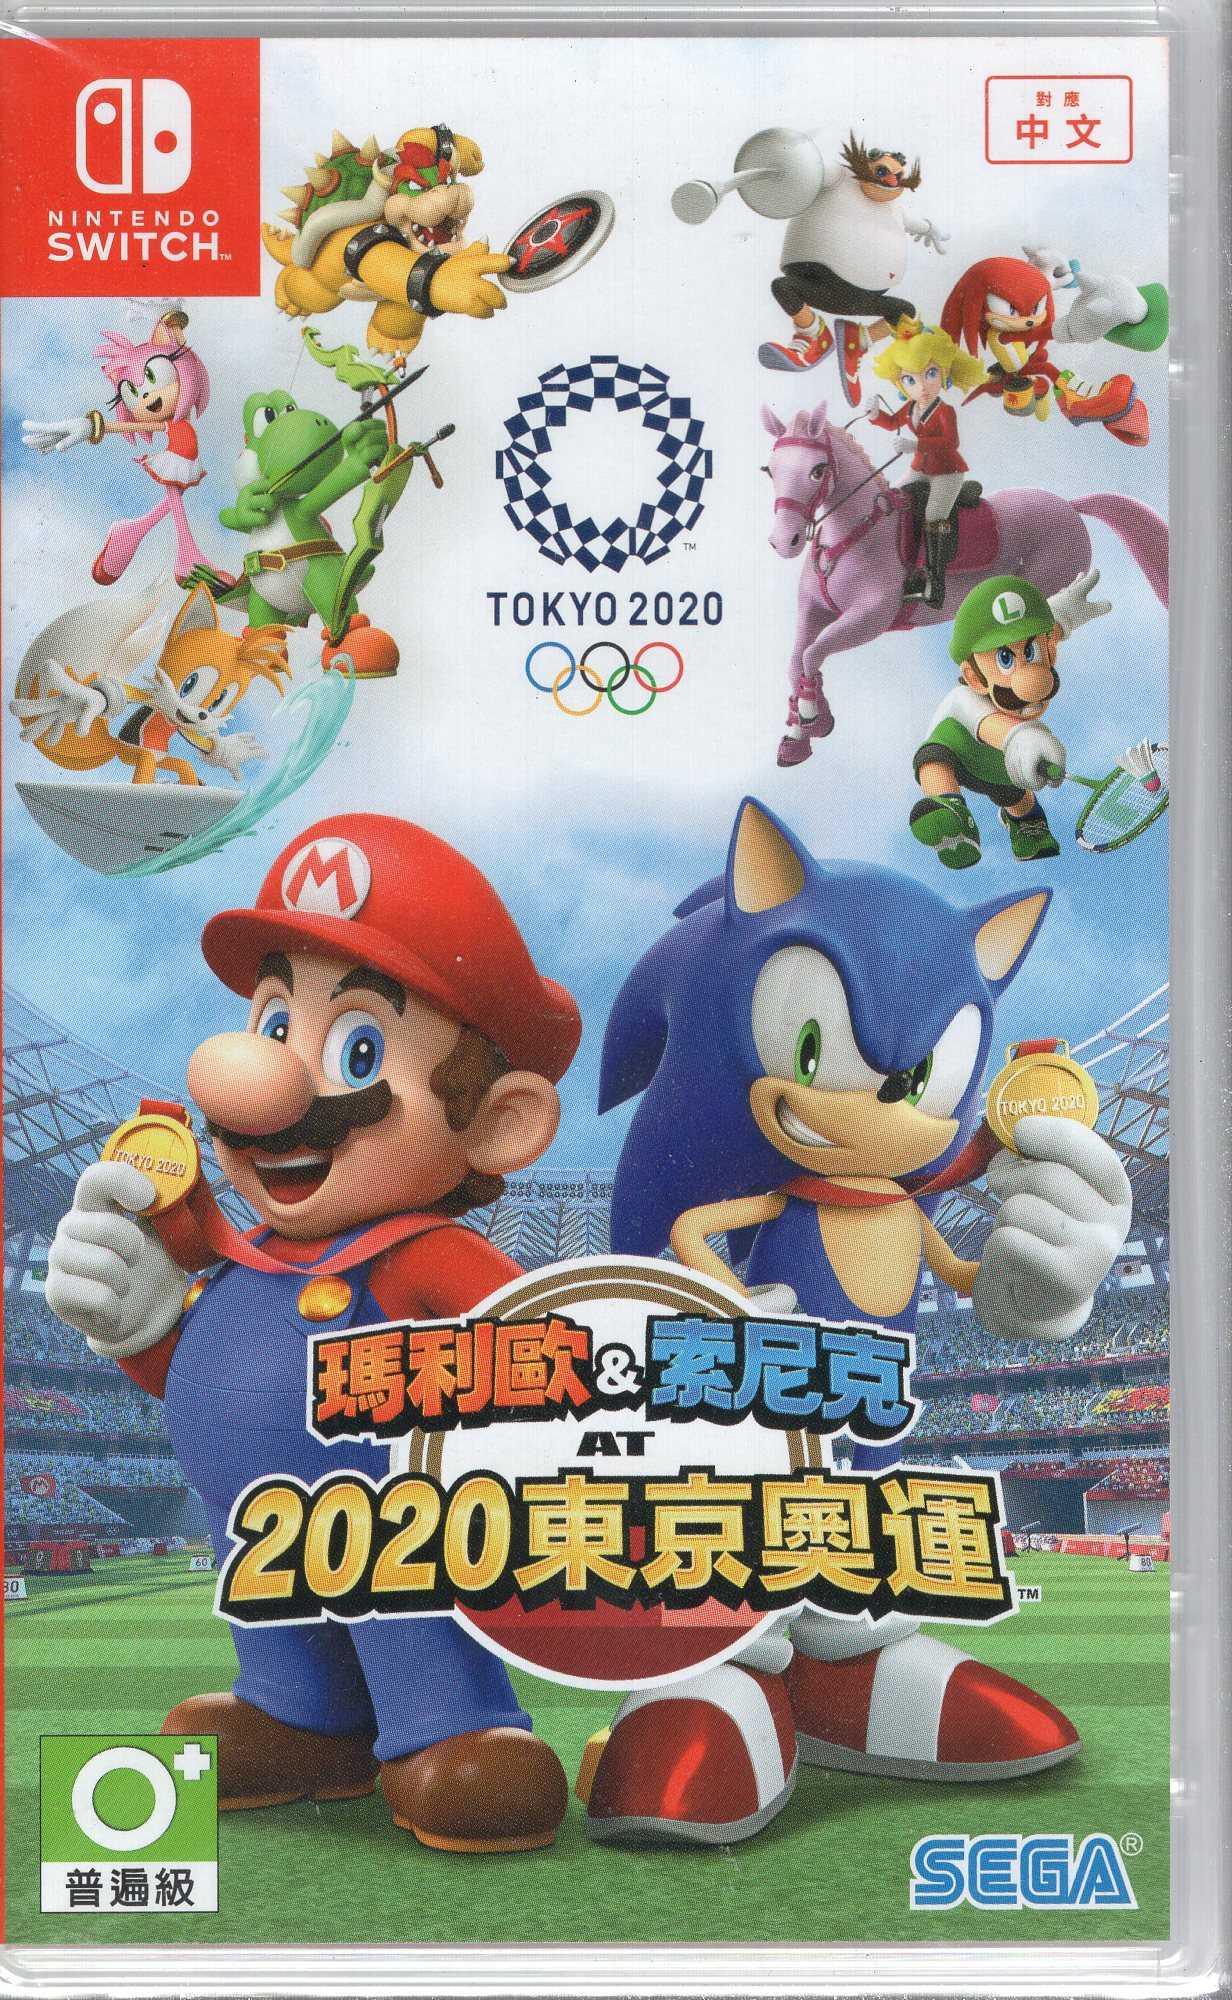 現貨中 Switch遊戲 NS 瑪利歐 & 索尼克 AT 2020 東京奧運 Tokyo2020中文